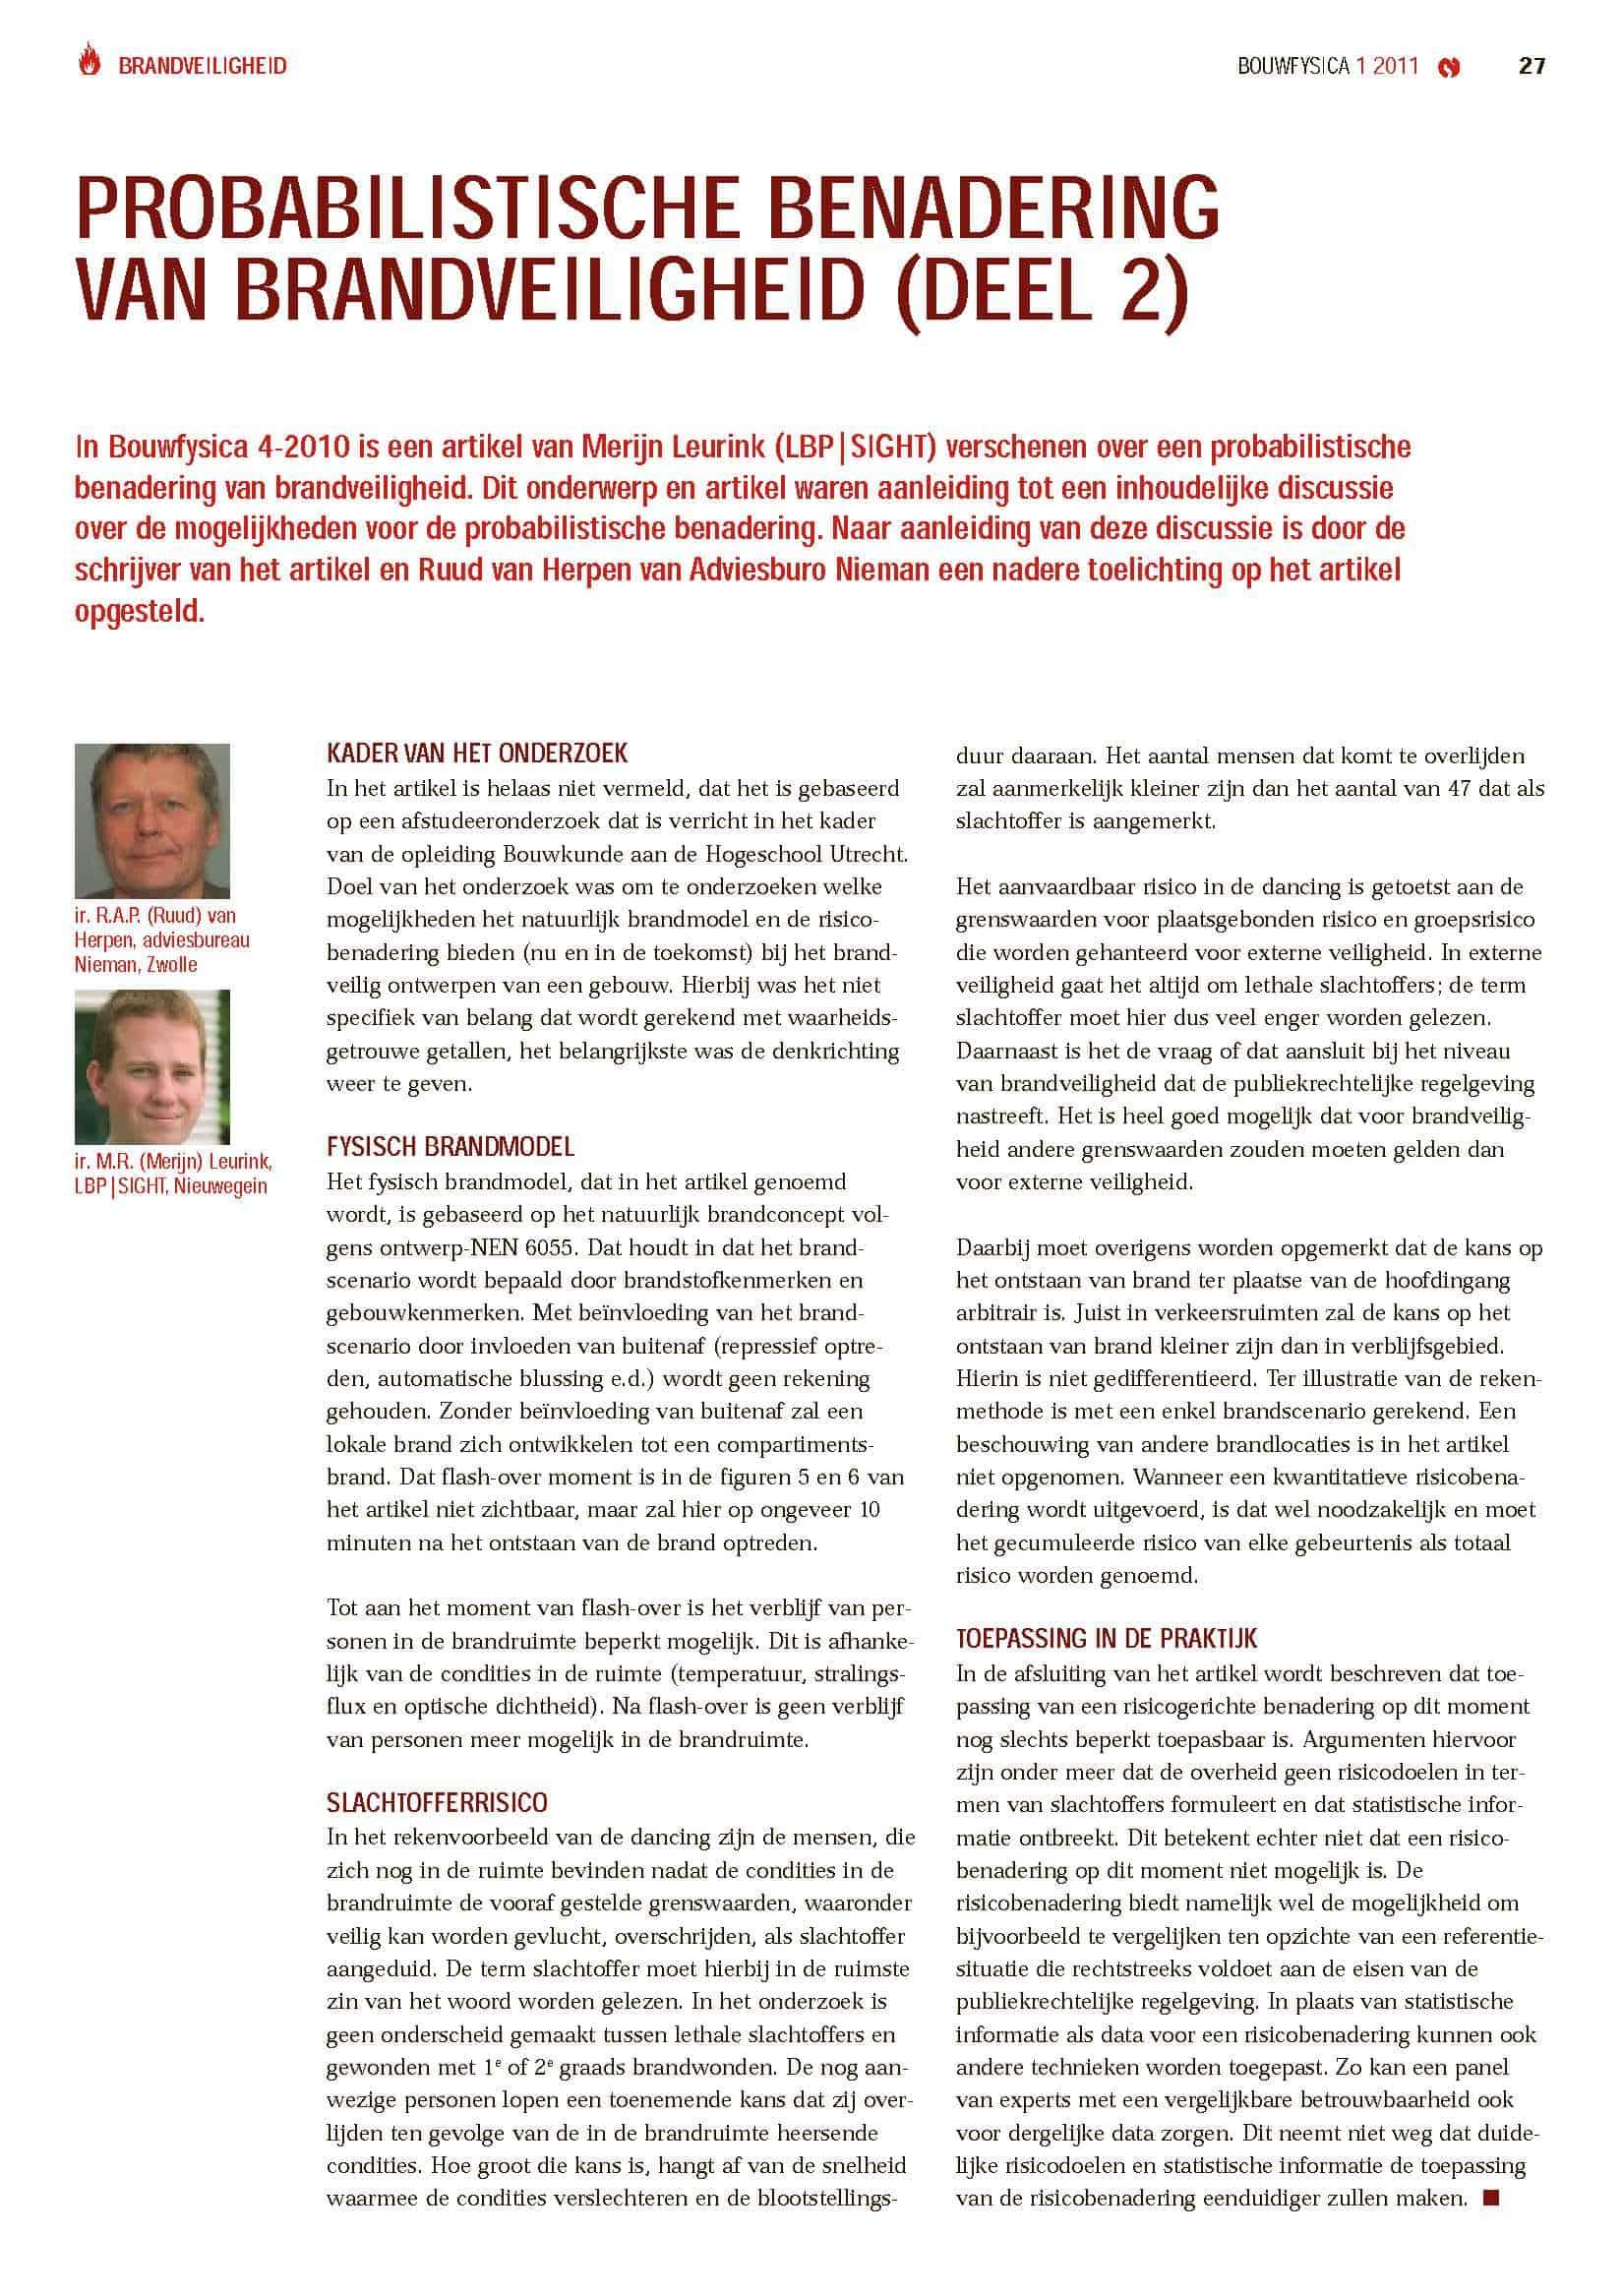 Bouwfysica-2011-1_blz27_probalilistische-benaderind-van-brandveiligheid-deel2-2